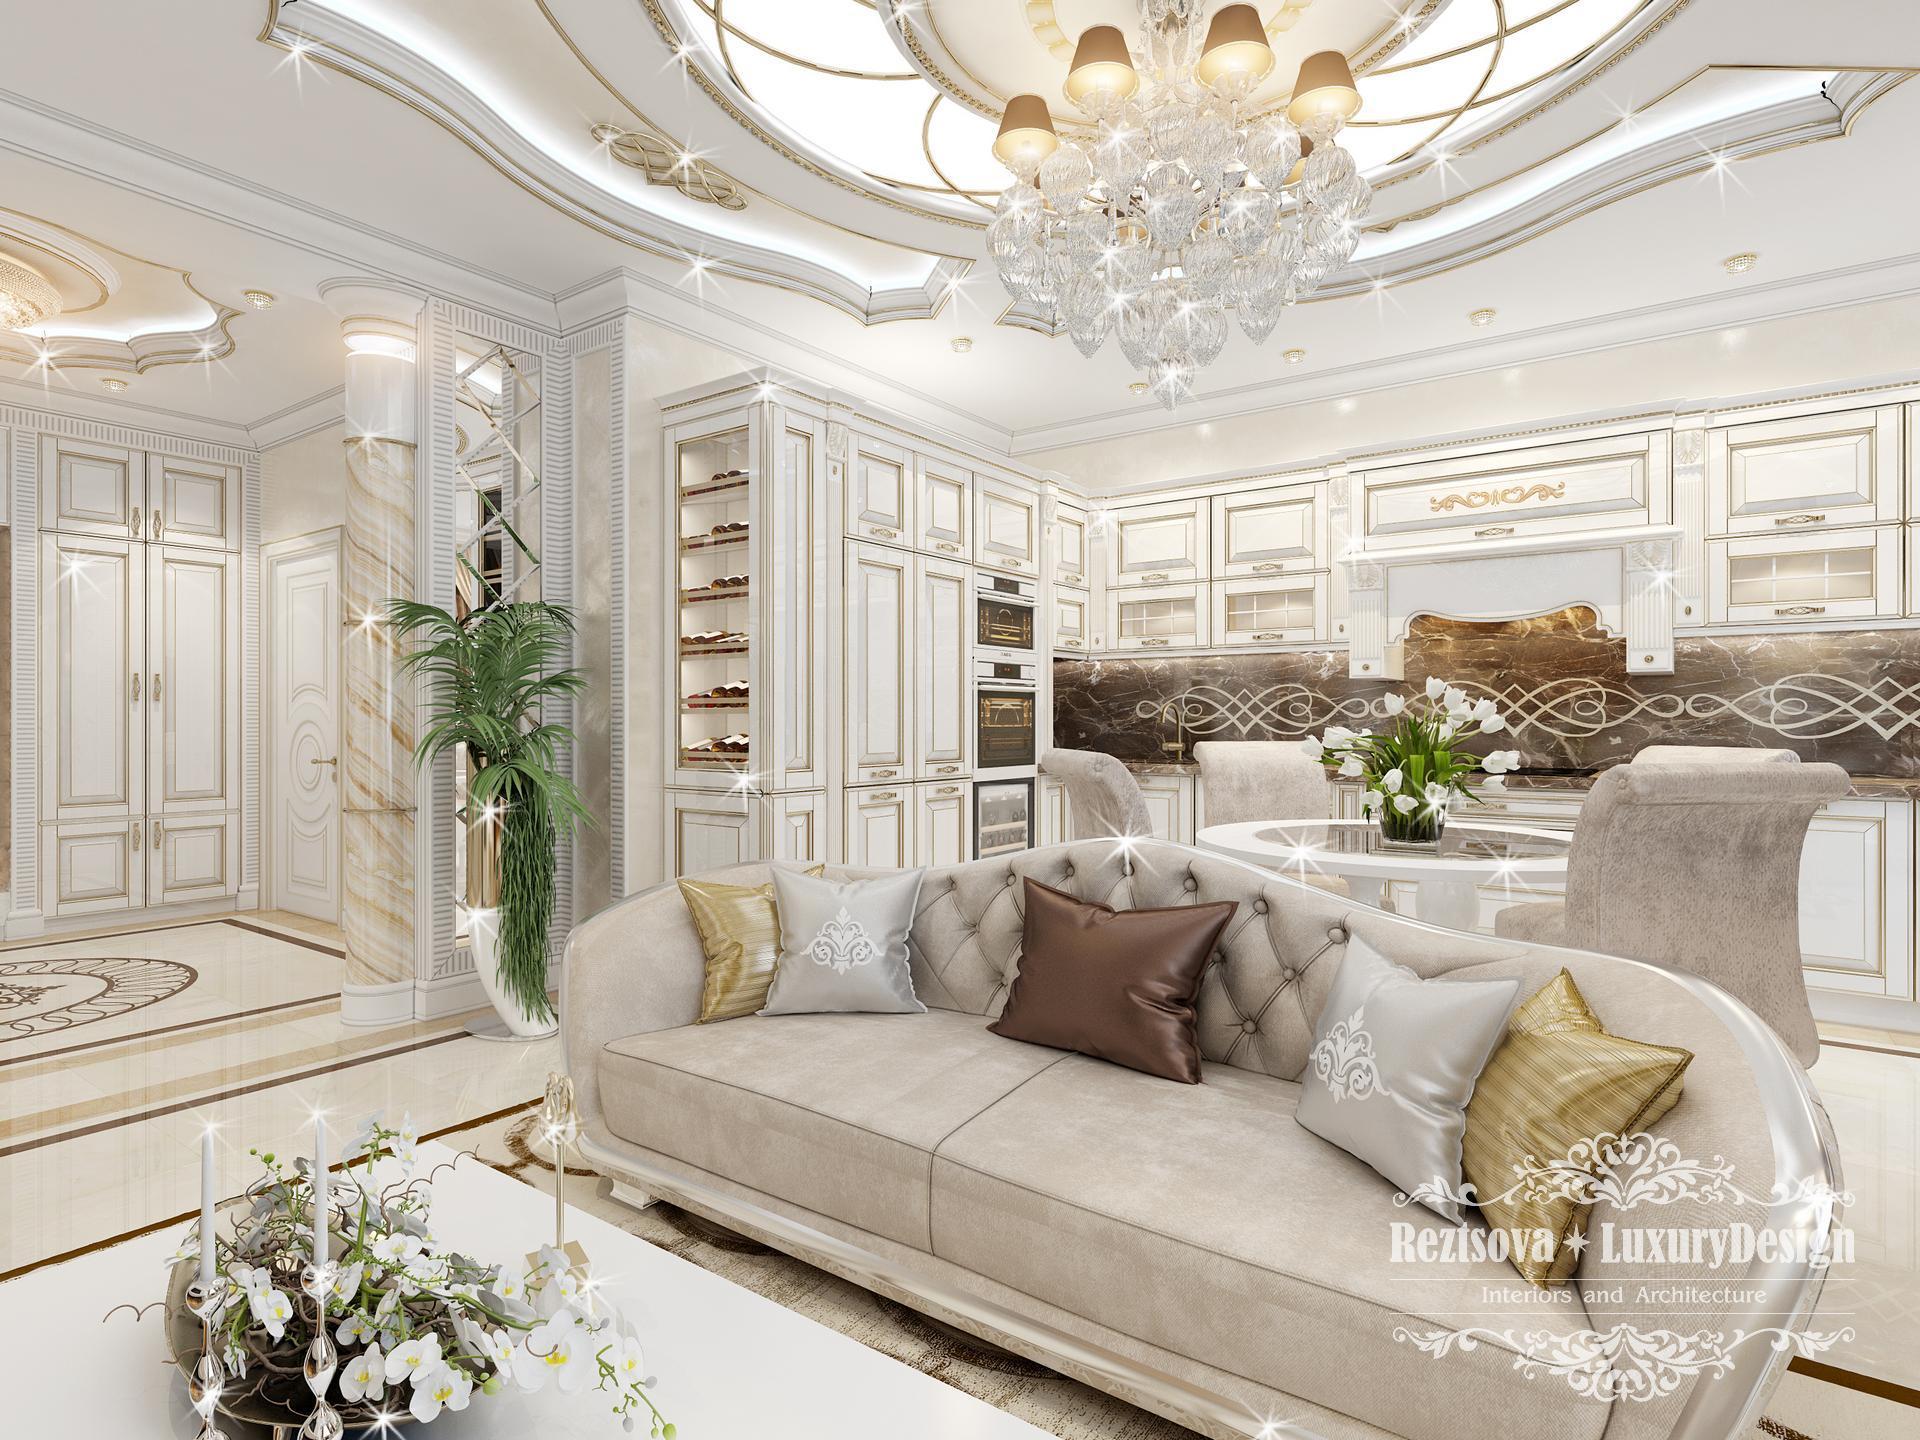 Заказать дизайн интерьера дома